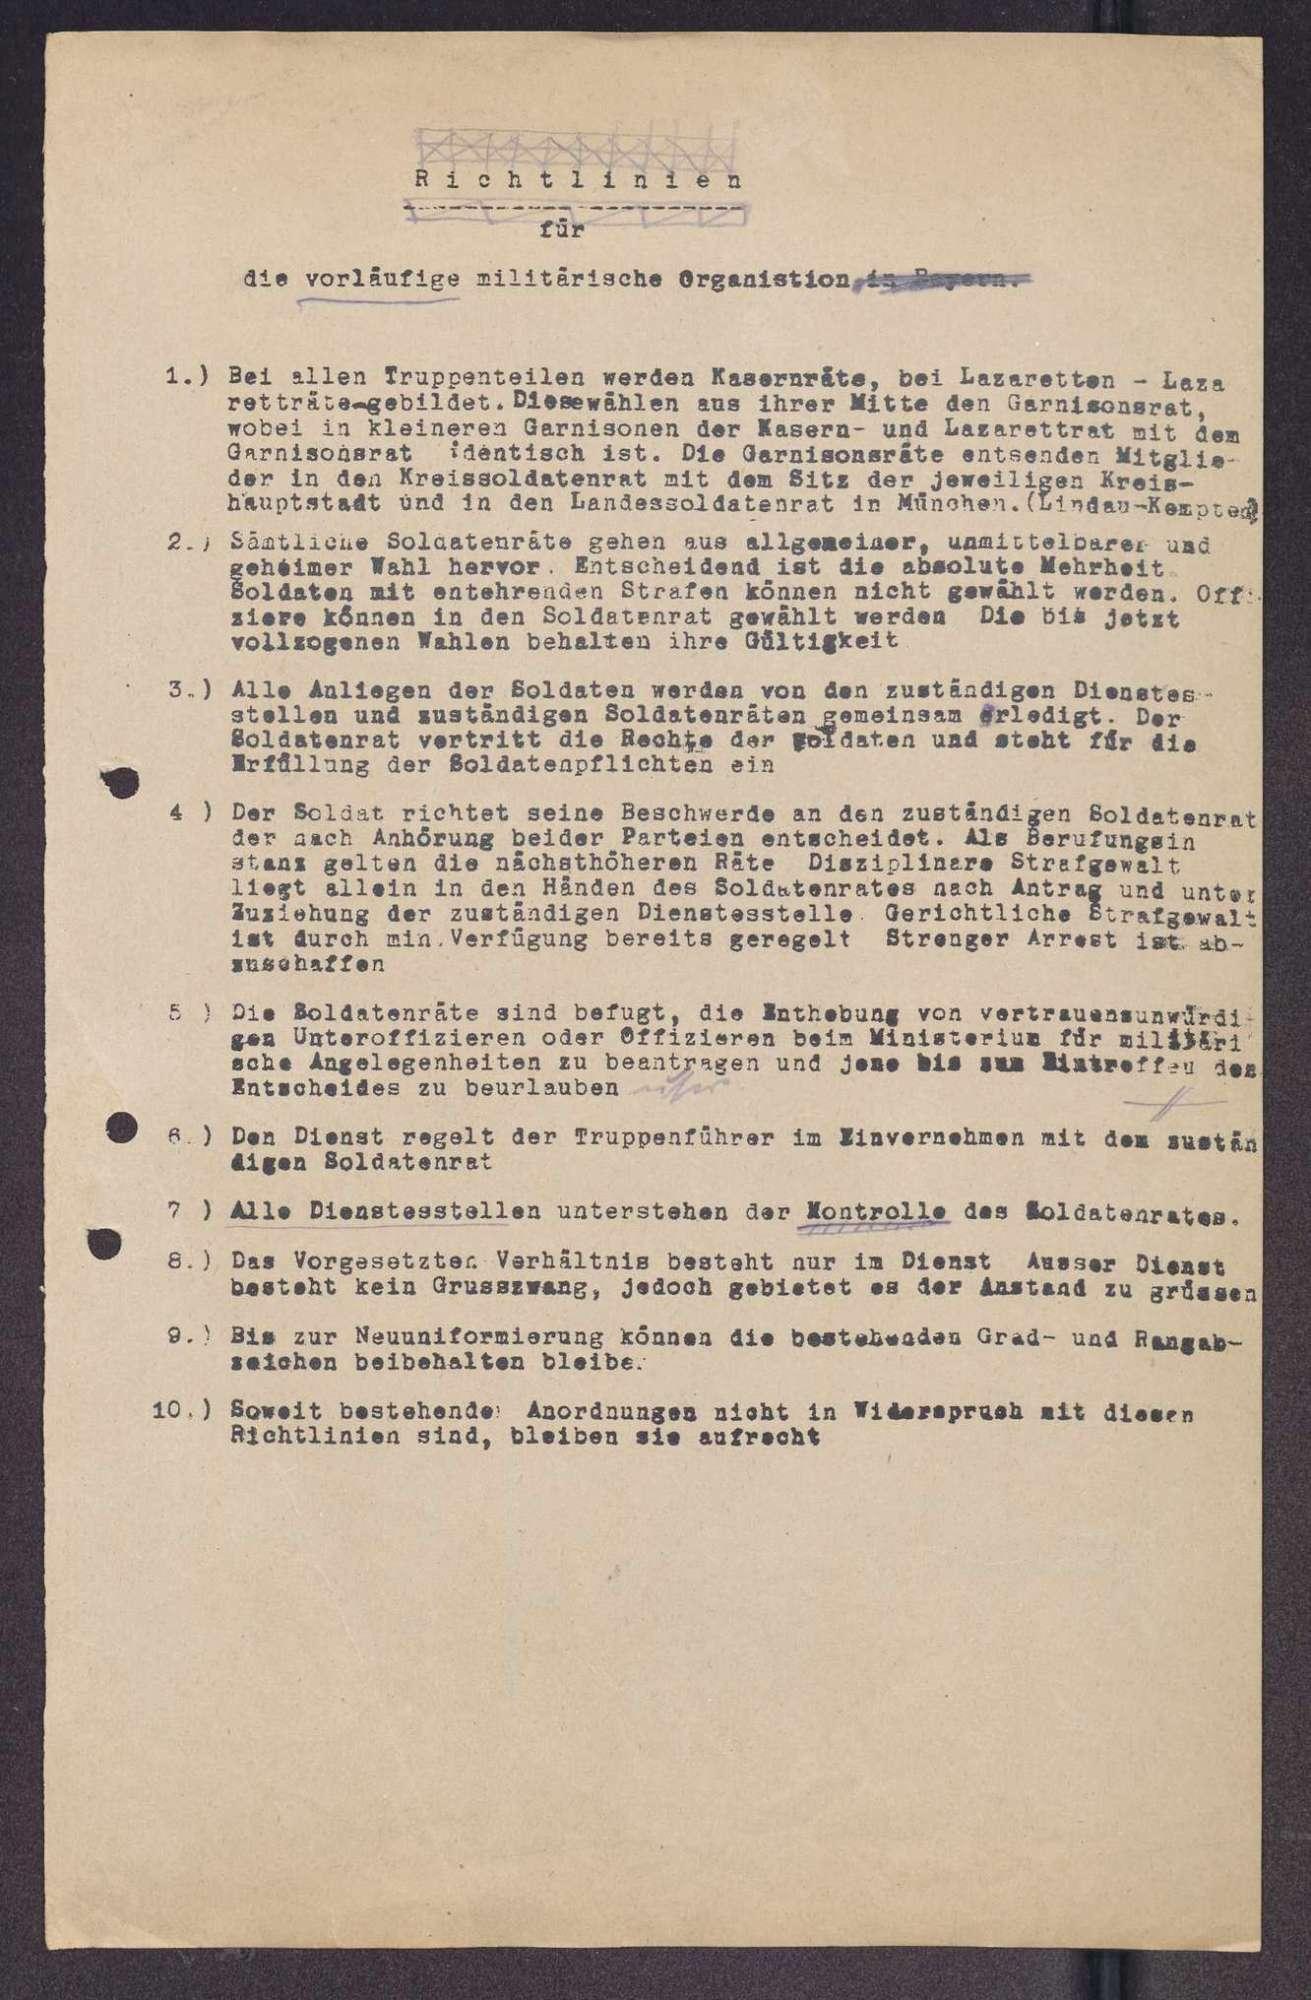 Bestimmungen für die Soldatenräte und den militärischen Dienstbetrieb in Bayern, Richtlinien für die Propagandaabteilung des Landessoldatenrats, Entwürfe zu einer Eingliederung der Räte in die Verfassung, Bild 3